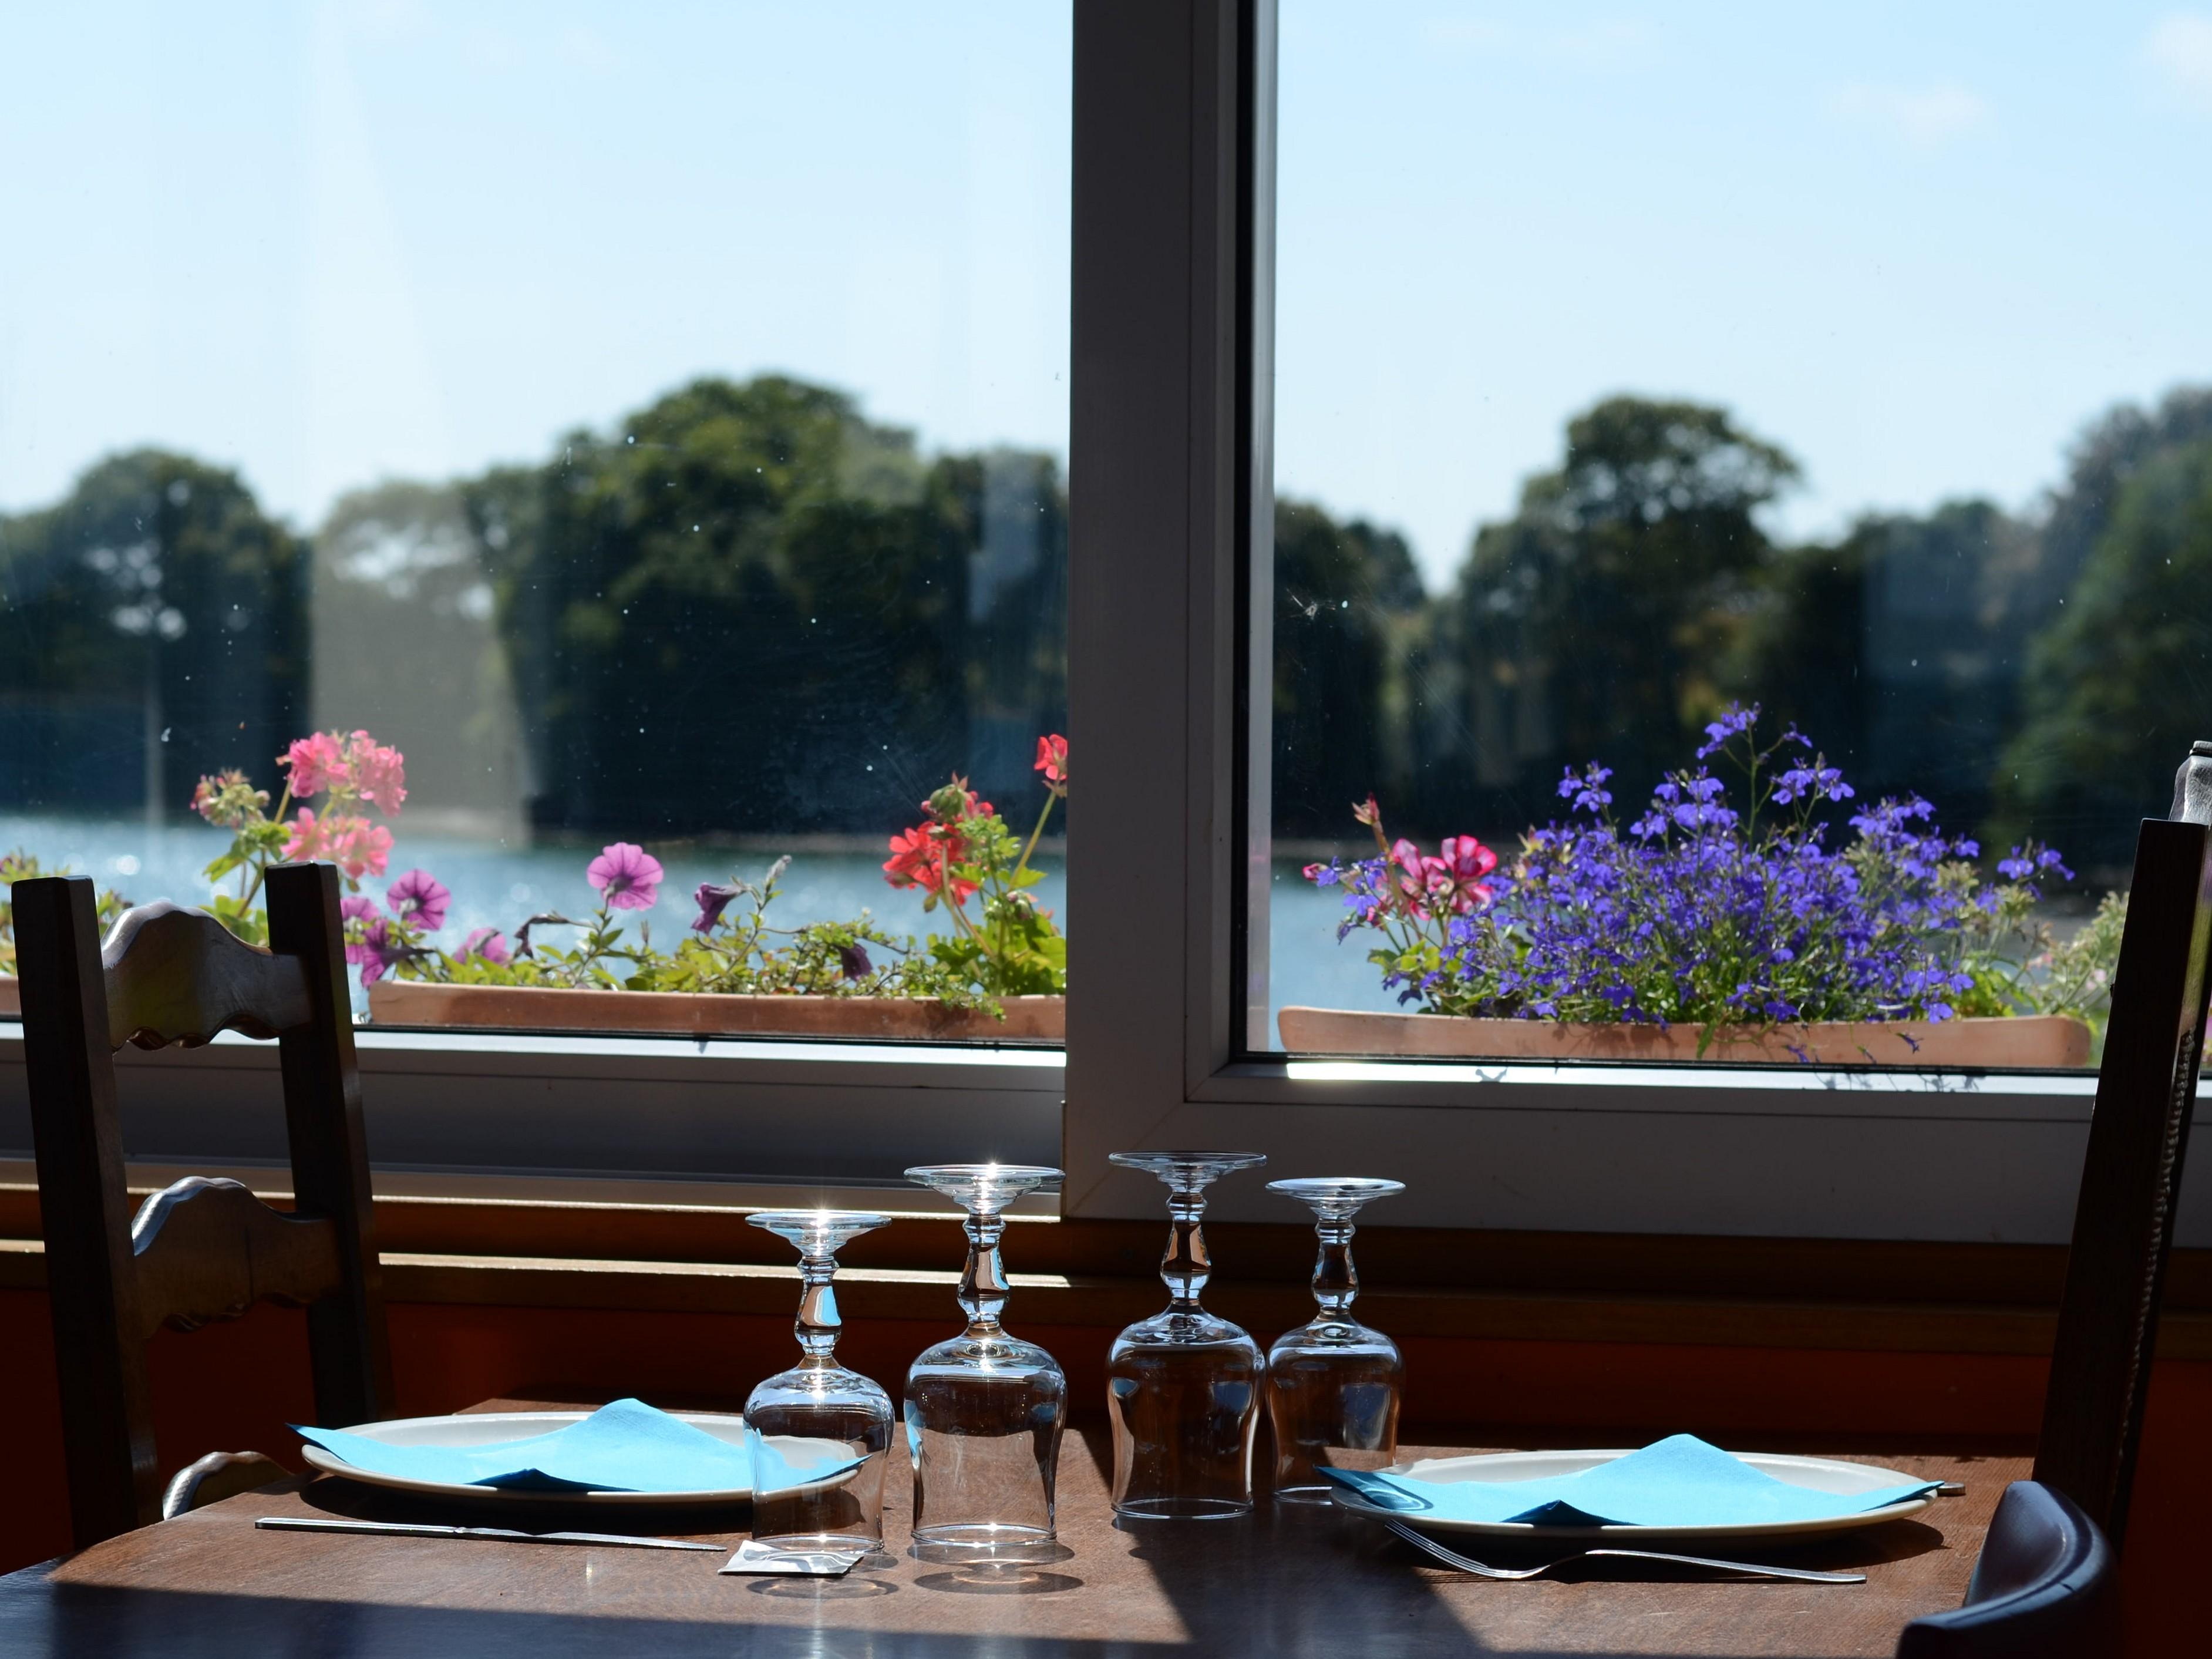 Restaurant d gustation st guillaume restaurant traditionnel plouhinec lorient tourisme - Office tourisme plouhinec ...